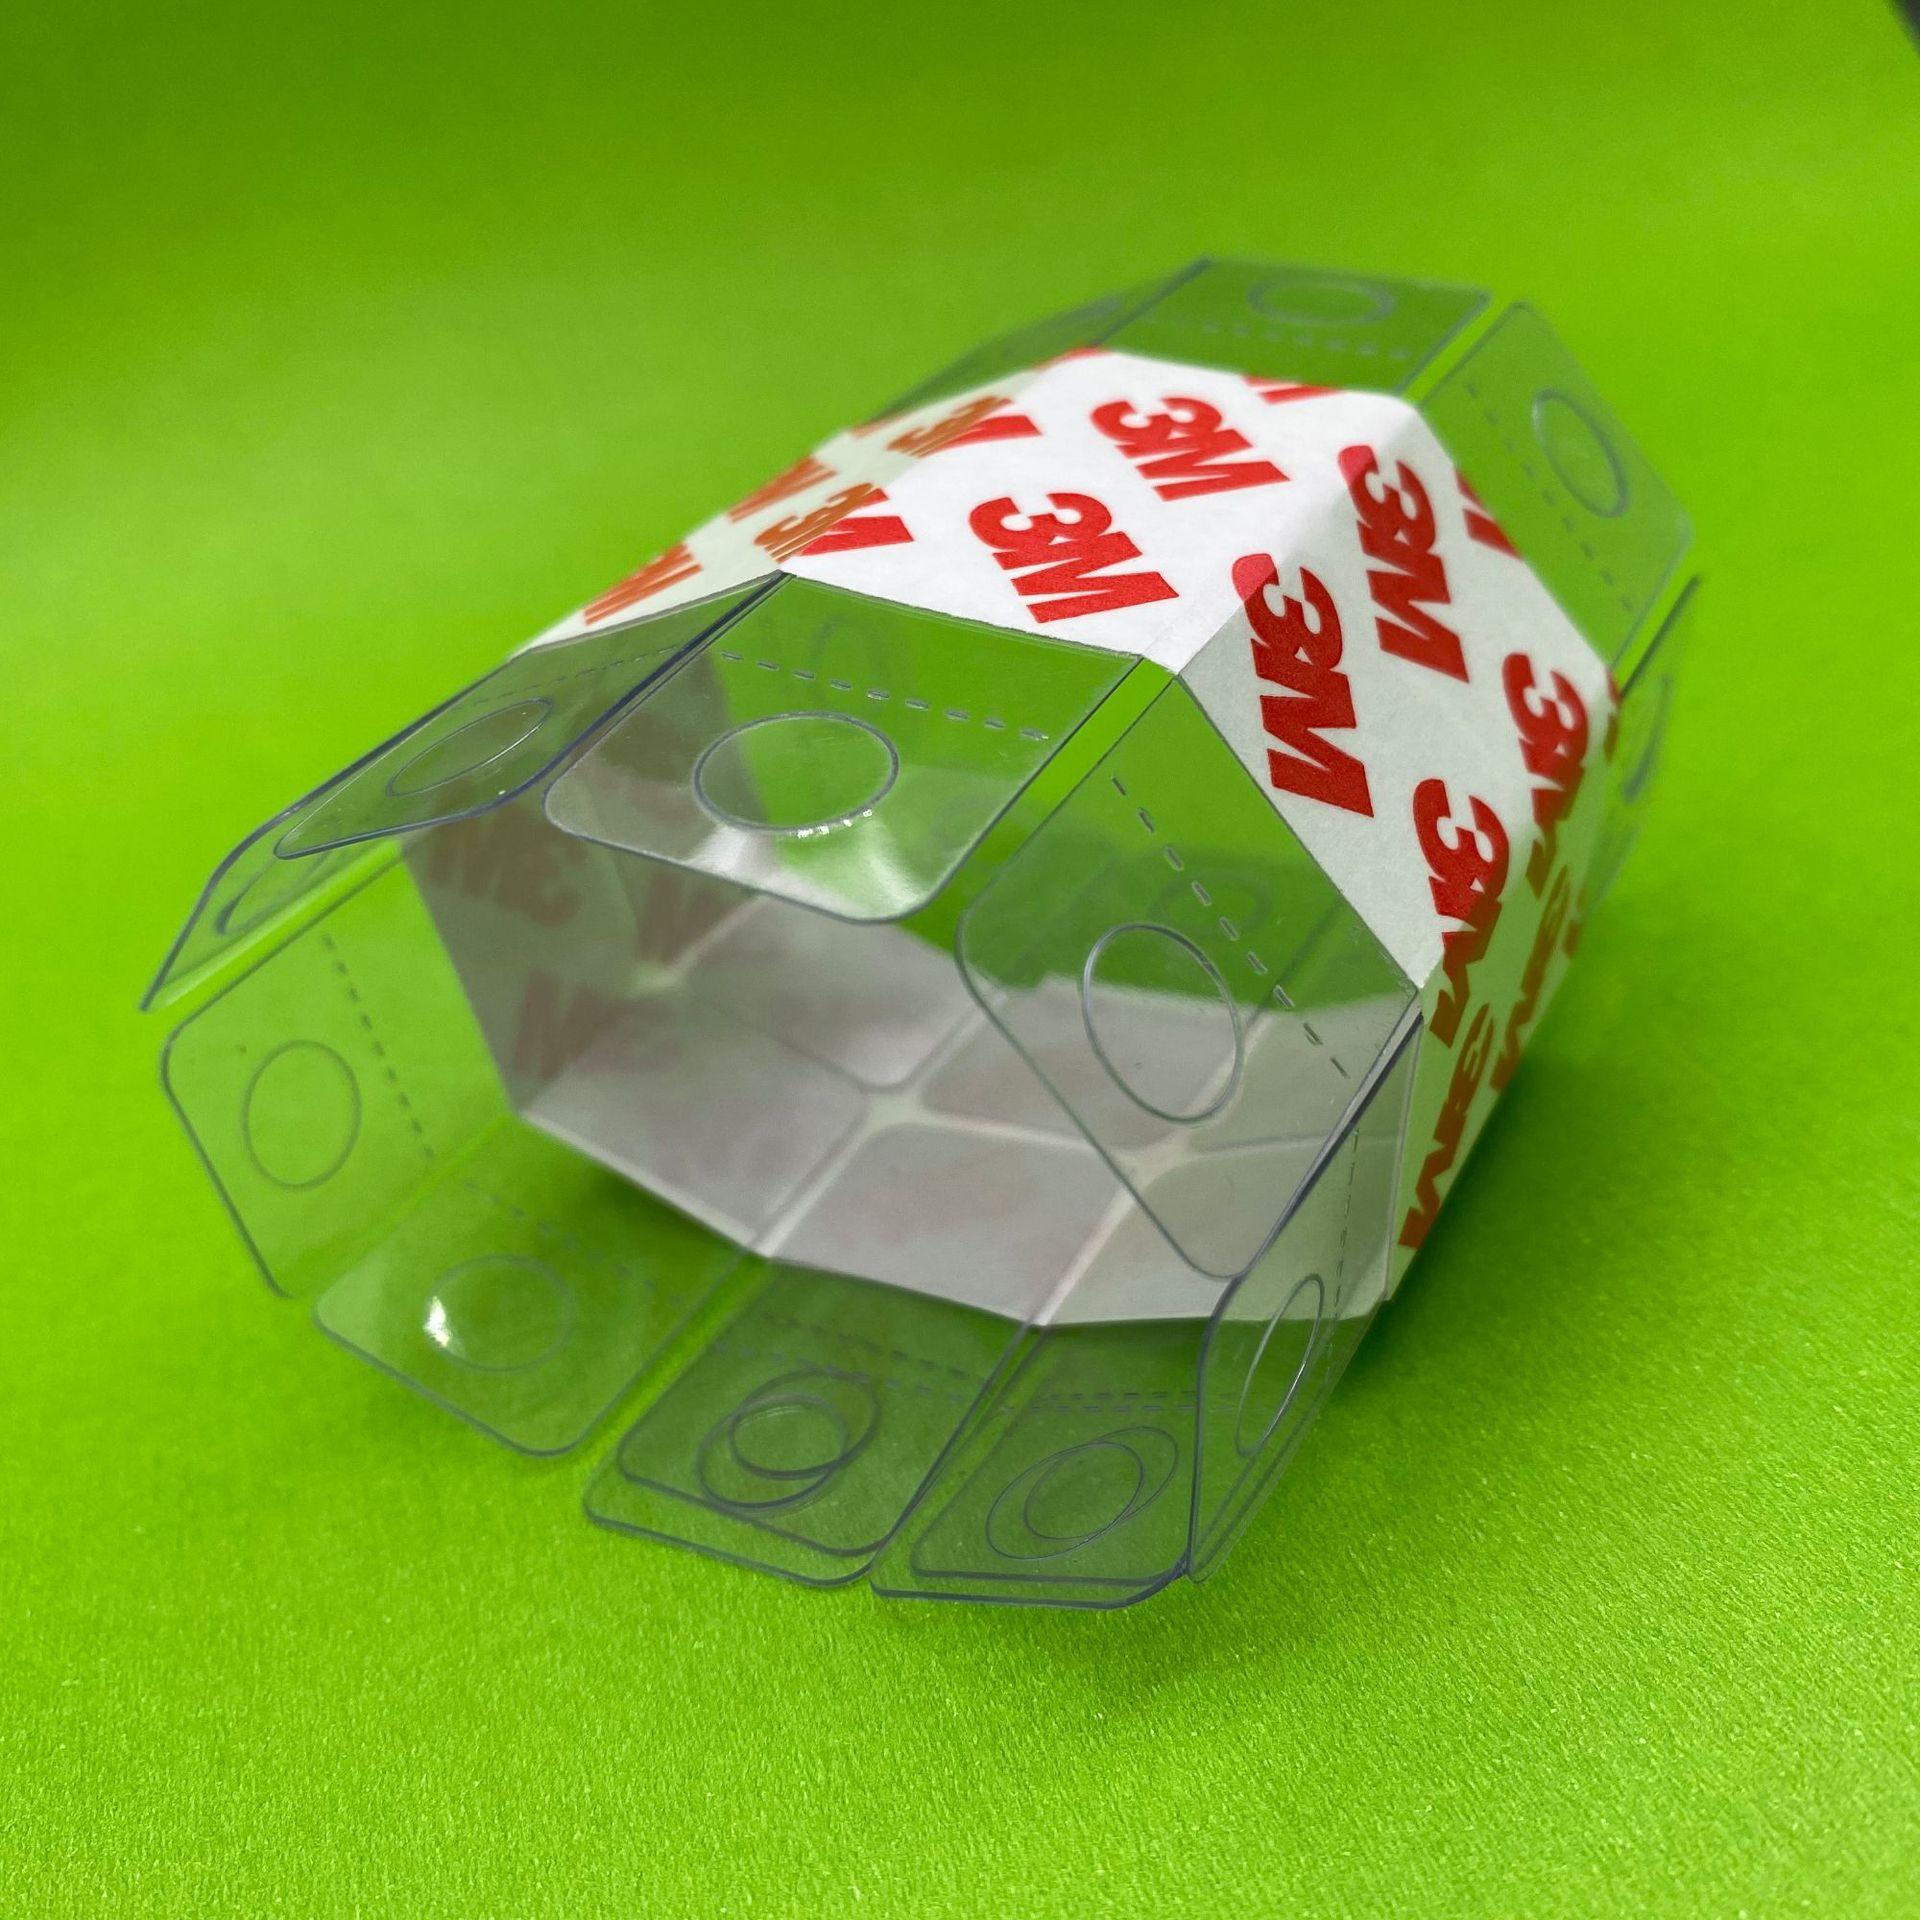 厂家批发PVC飞机孔自粘挂钩胶 包装盒PET塑料无痕高粘挂钩贴定制